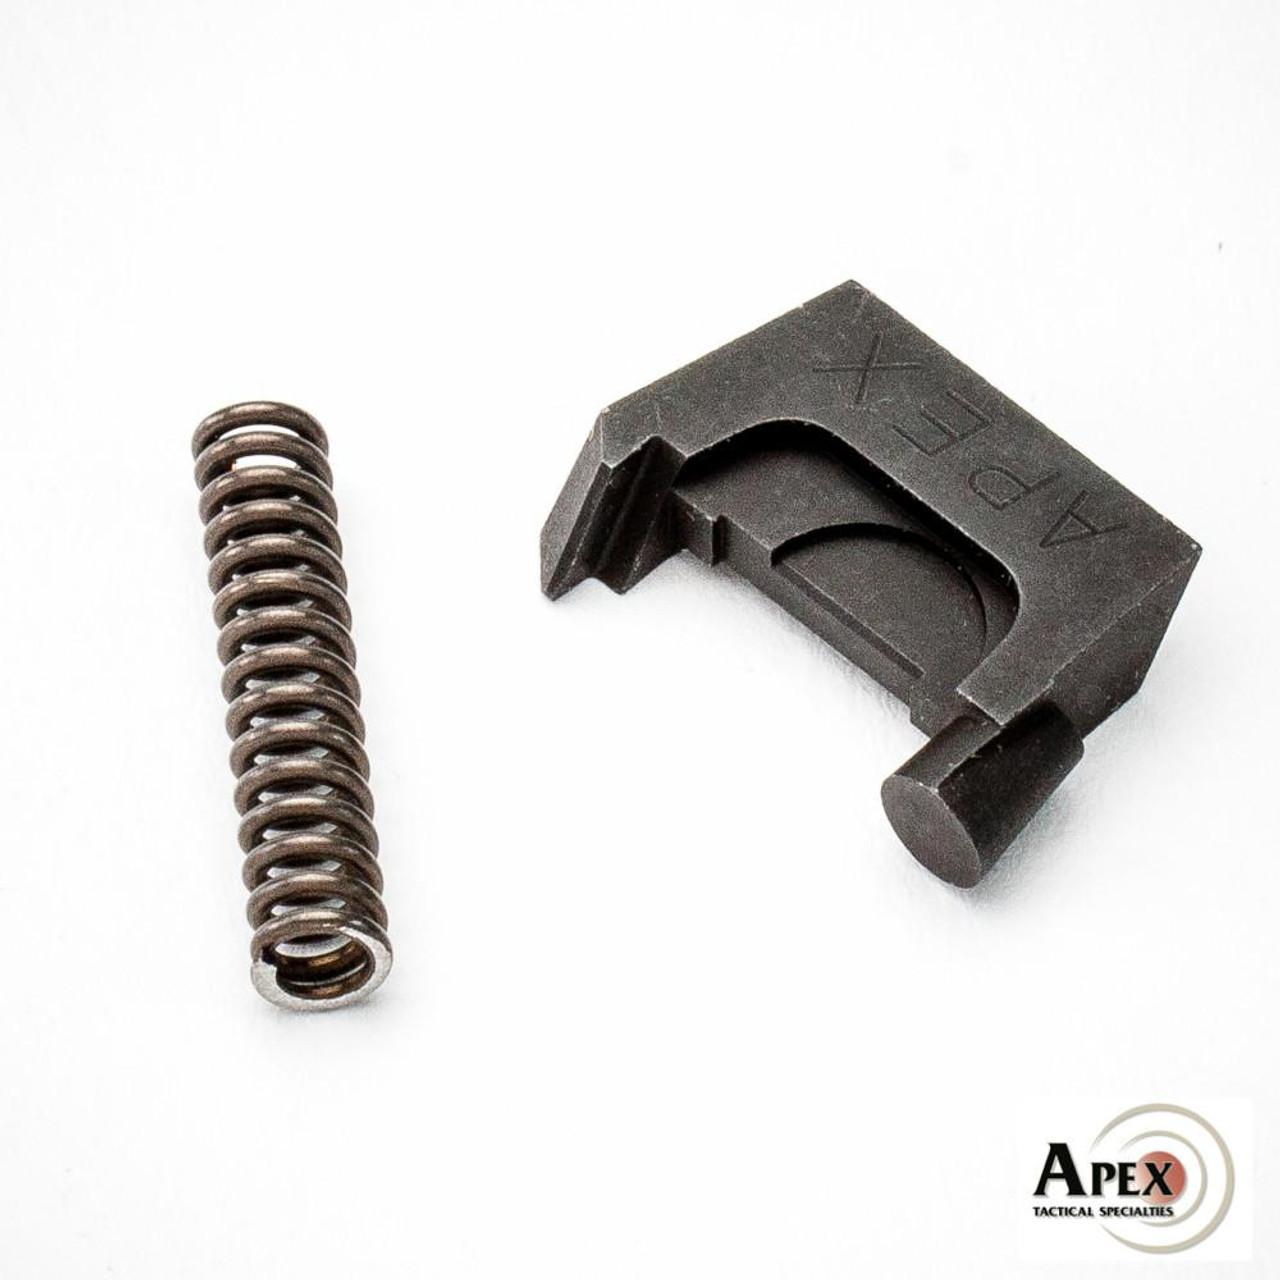 Apex Tactical Glock Failure Resistant Extractor - Gen 4